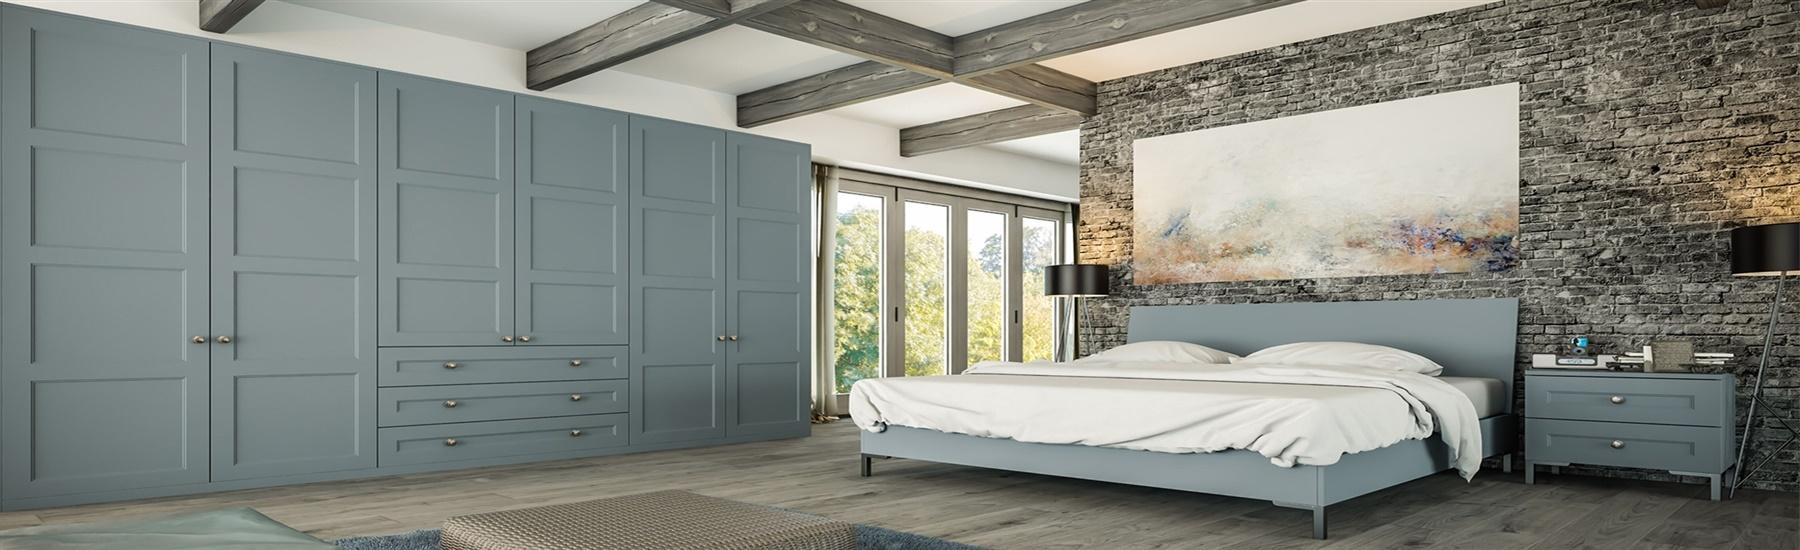 Replacement Wardrobe & Cupboard Doors - Doors Sincerely